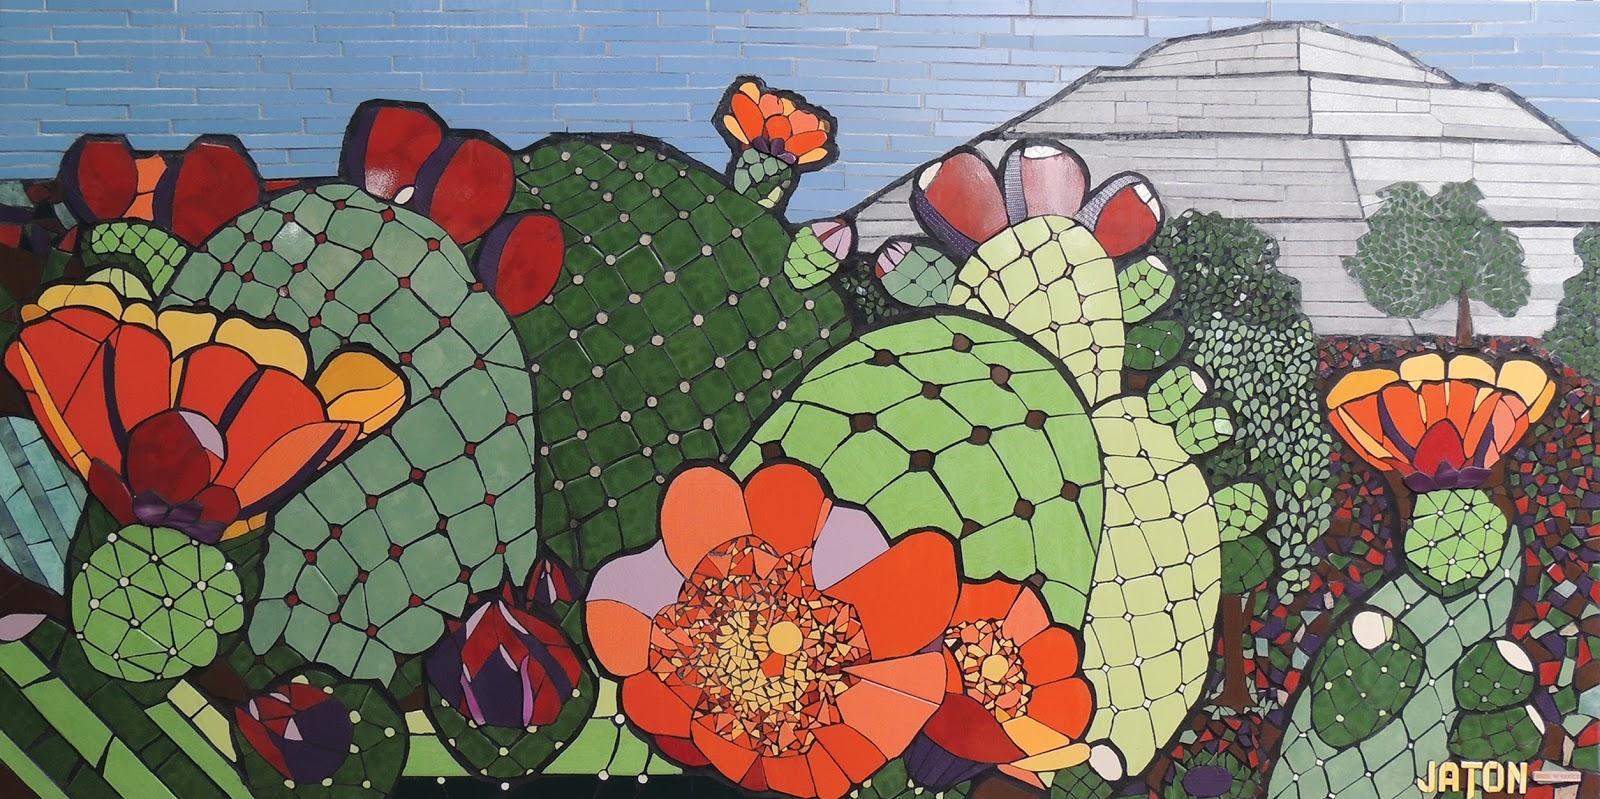 Mosaico creativo de fj mosaic art curso de muralismo en Papeles murales con diseno de paisajes